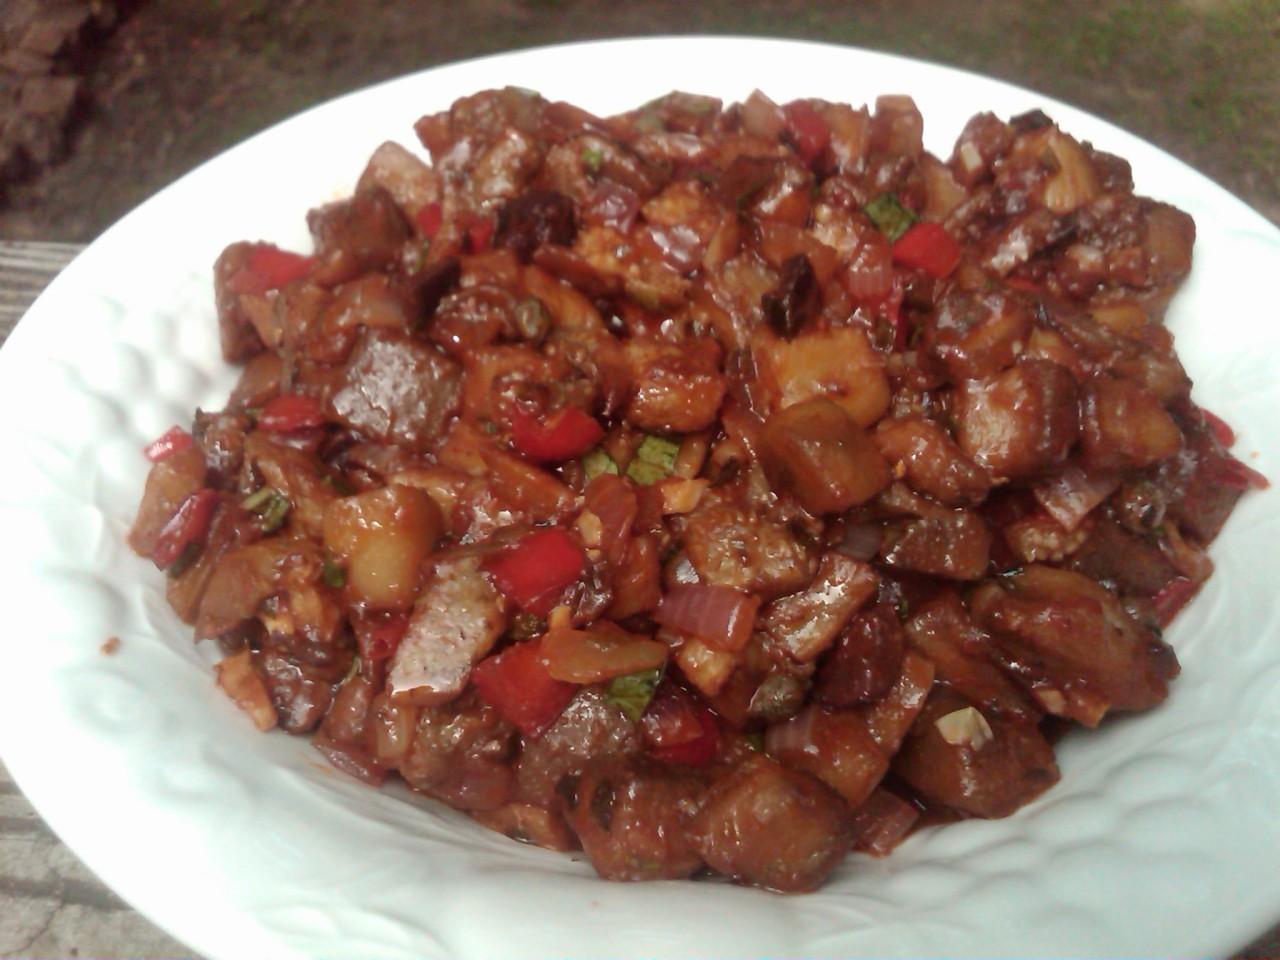 eggplant caponata recipe appetizer snack